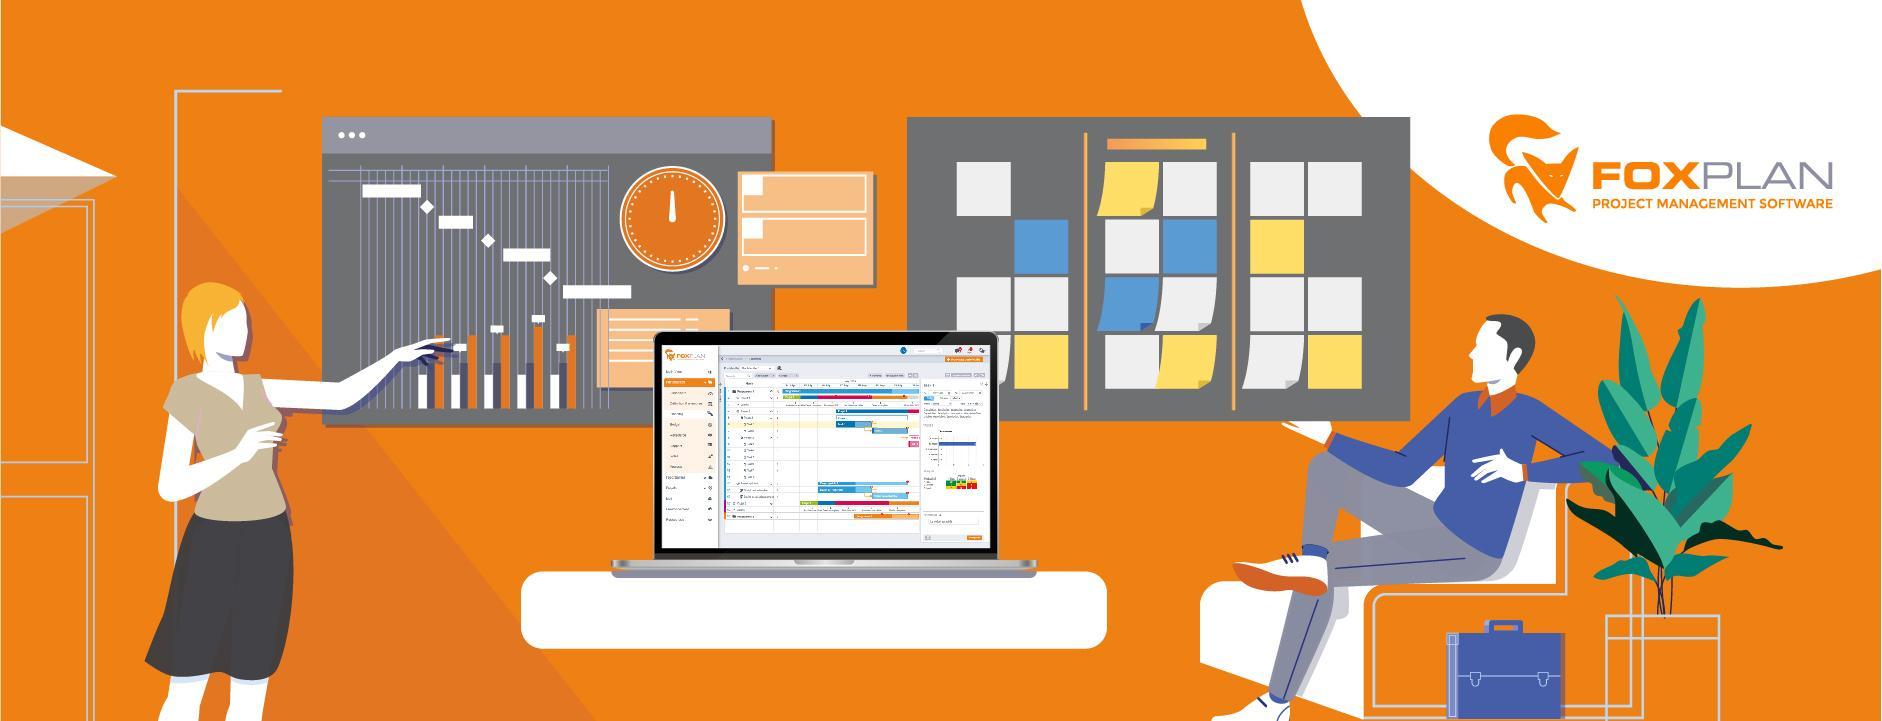 Avis FoxPlan : Le logiciel de PPM français rapide à mettre en oeuvre - appvizer